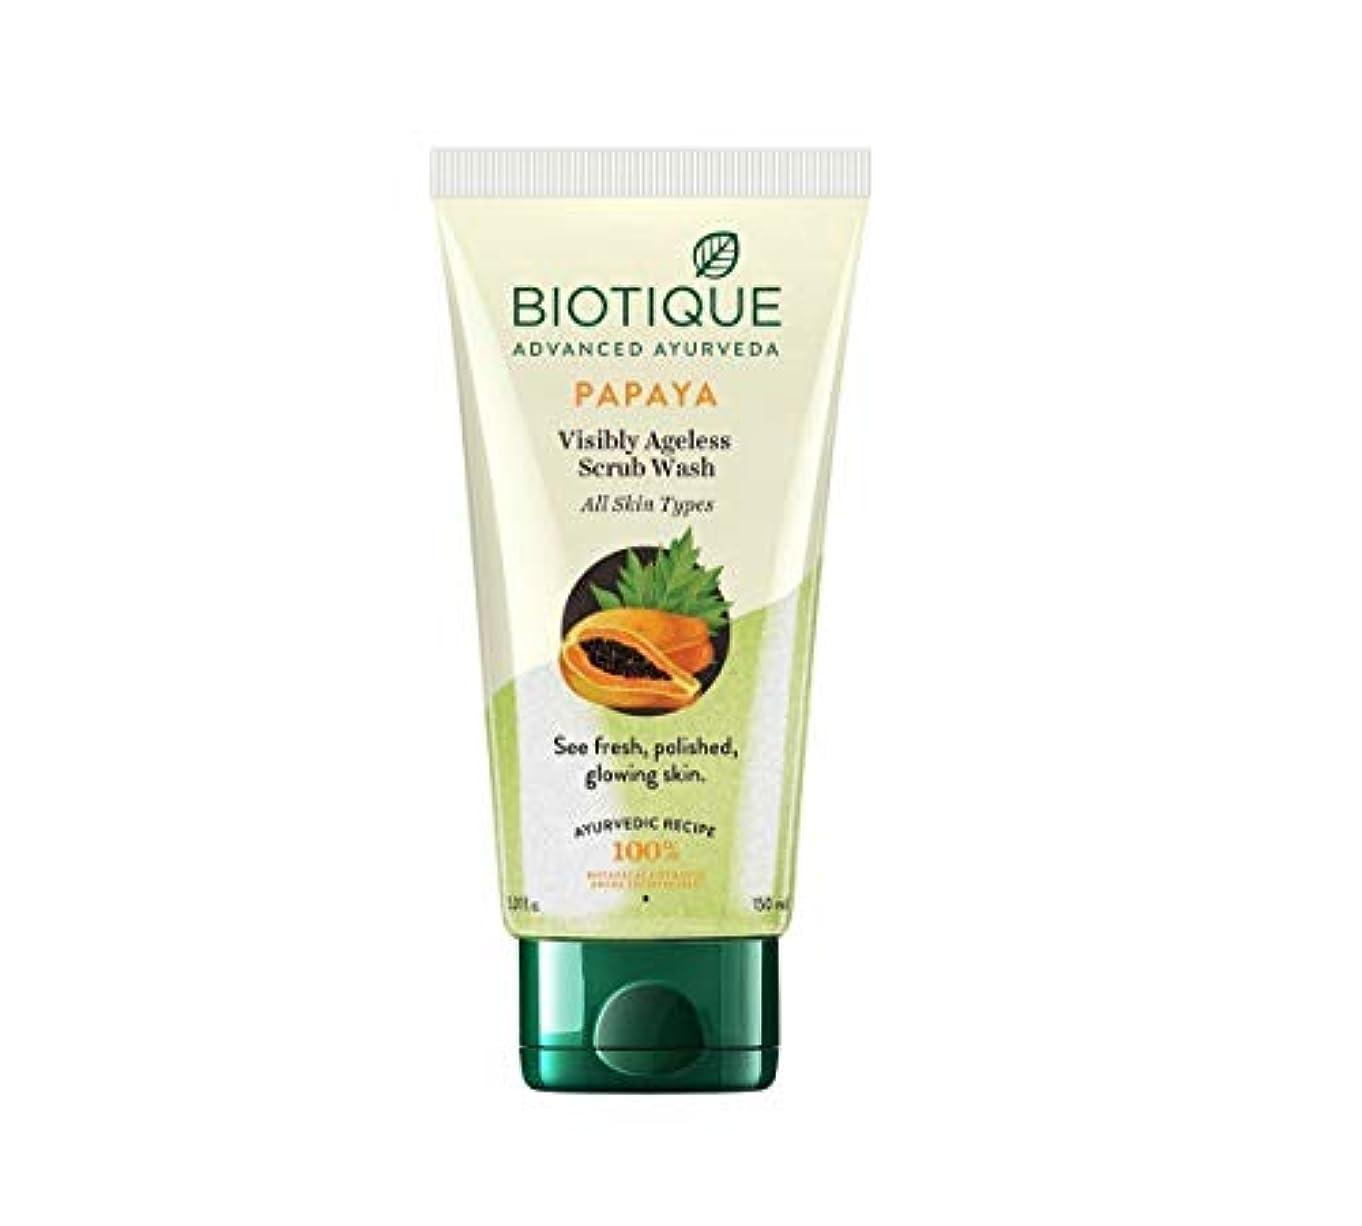 衣服鉄道ホイールBiotique Bio Papaya Exfoliating Face Wash For All Skin Types, 150ml Glowing Skin すべての肌タイプ、白熱肌のためのBiotiqueバイオパパイヤ...